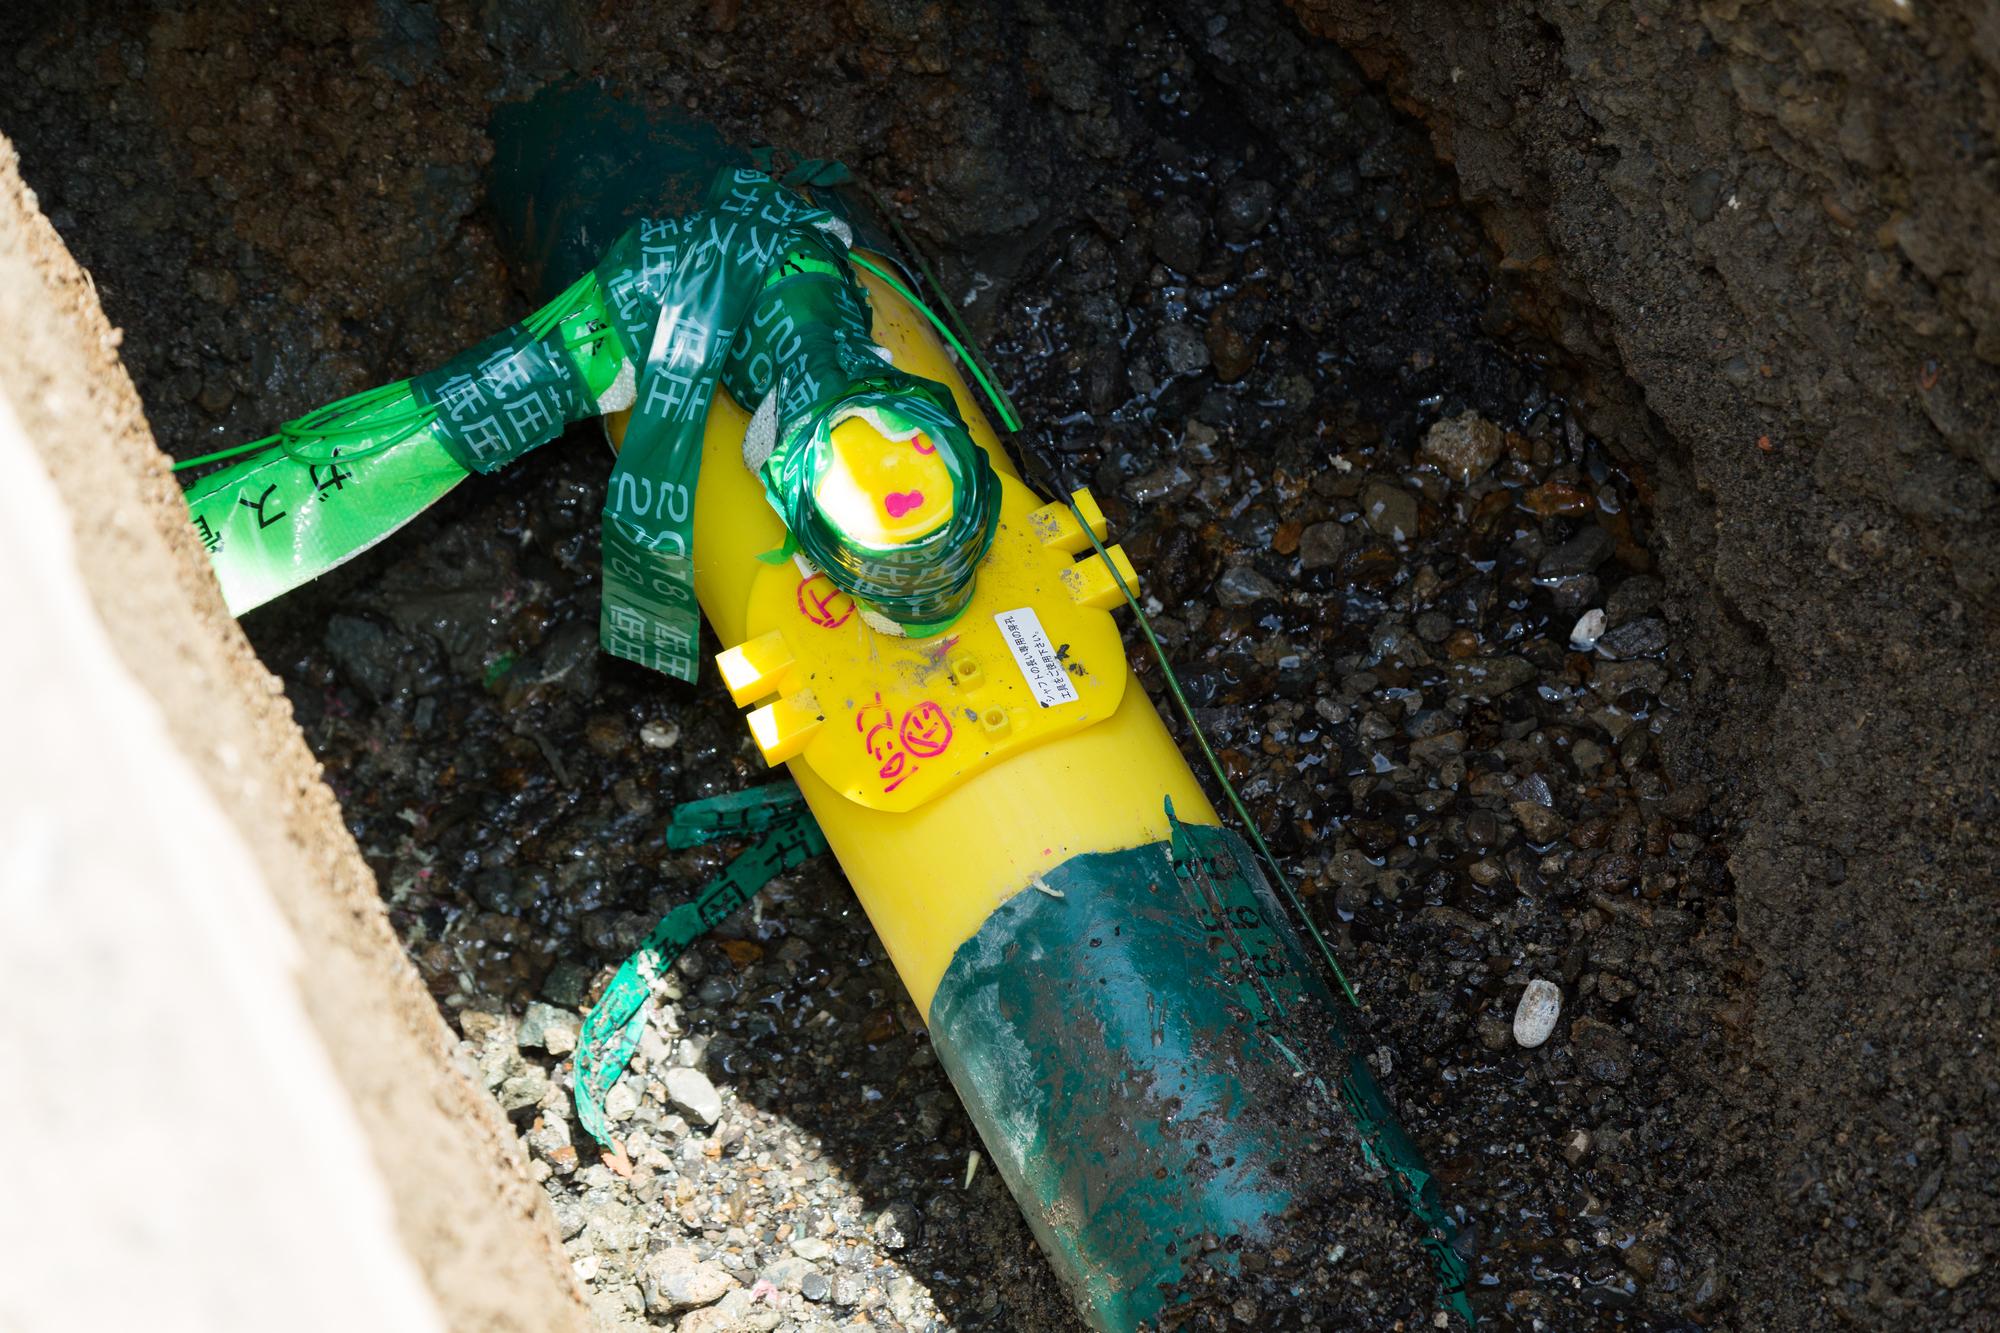 下水管配管工事